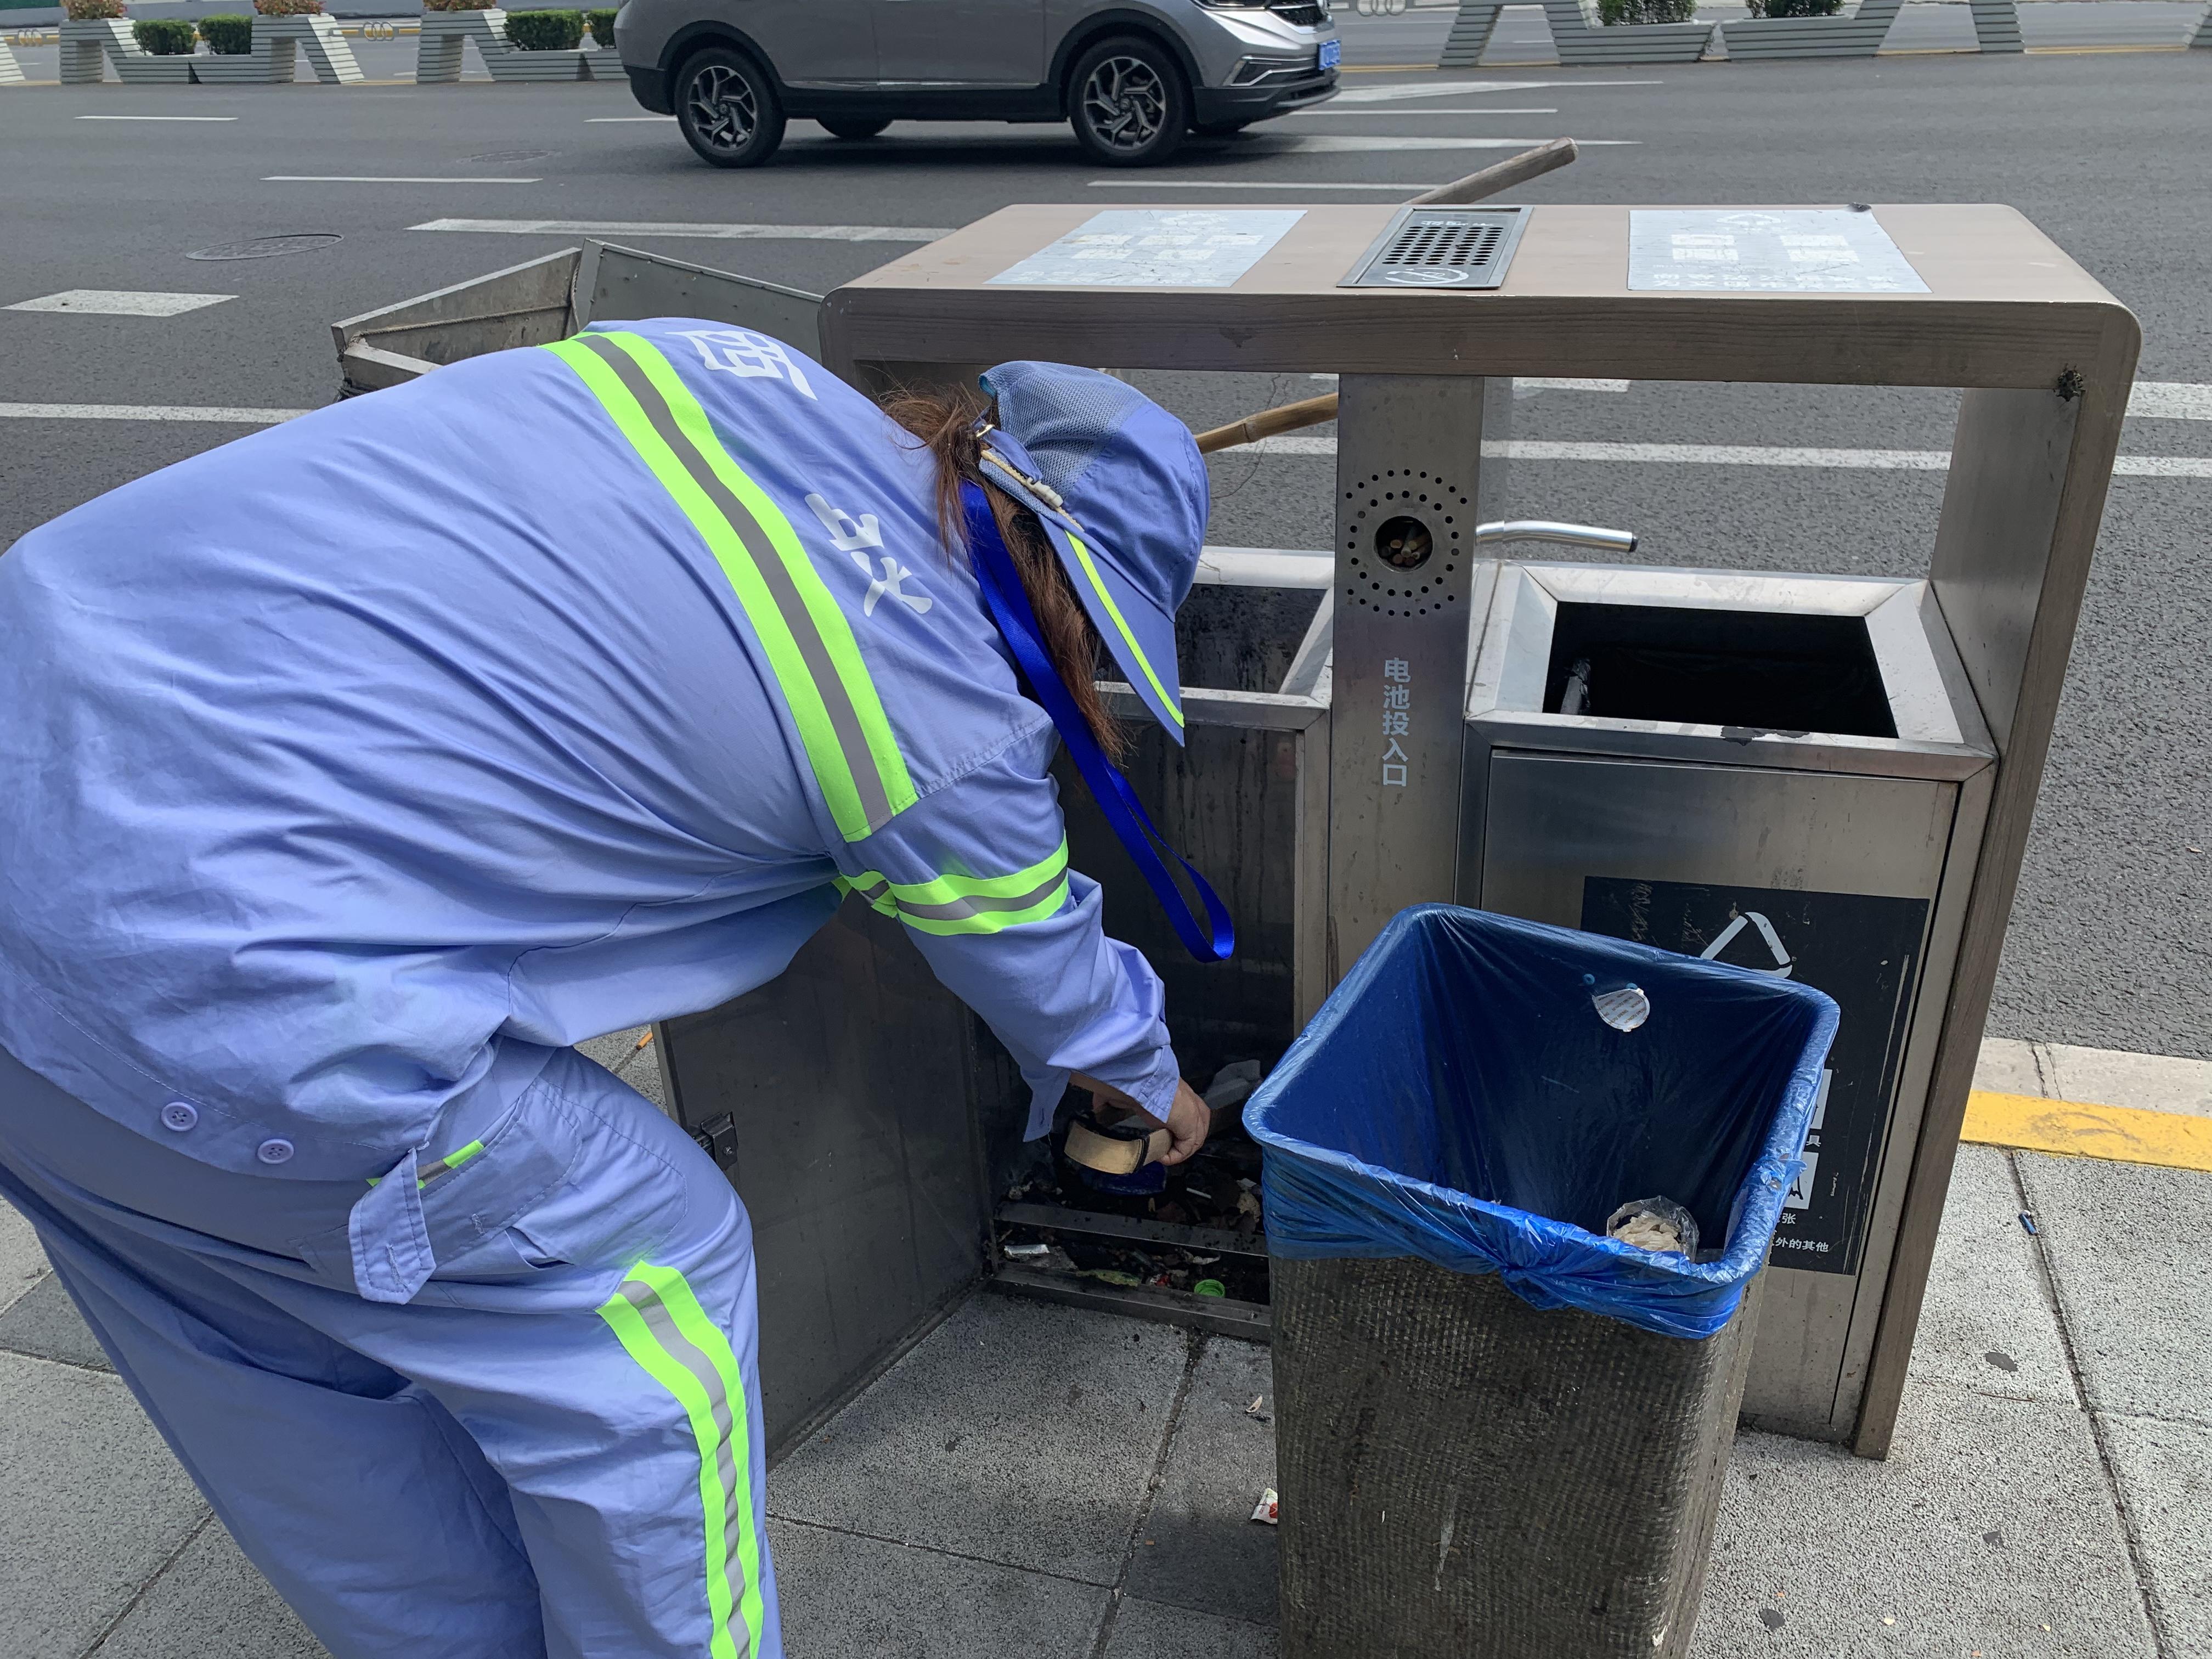 环卫工人张玉梅将路边垃圾桶内的垃圾全部捡拾出来。澎湃新闻记者栾晓娜摄